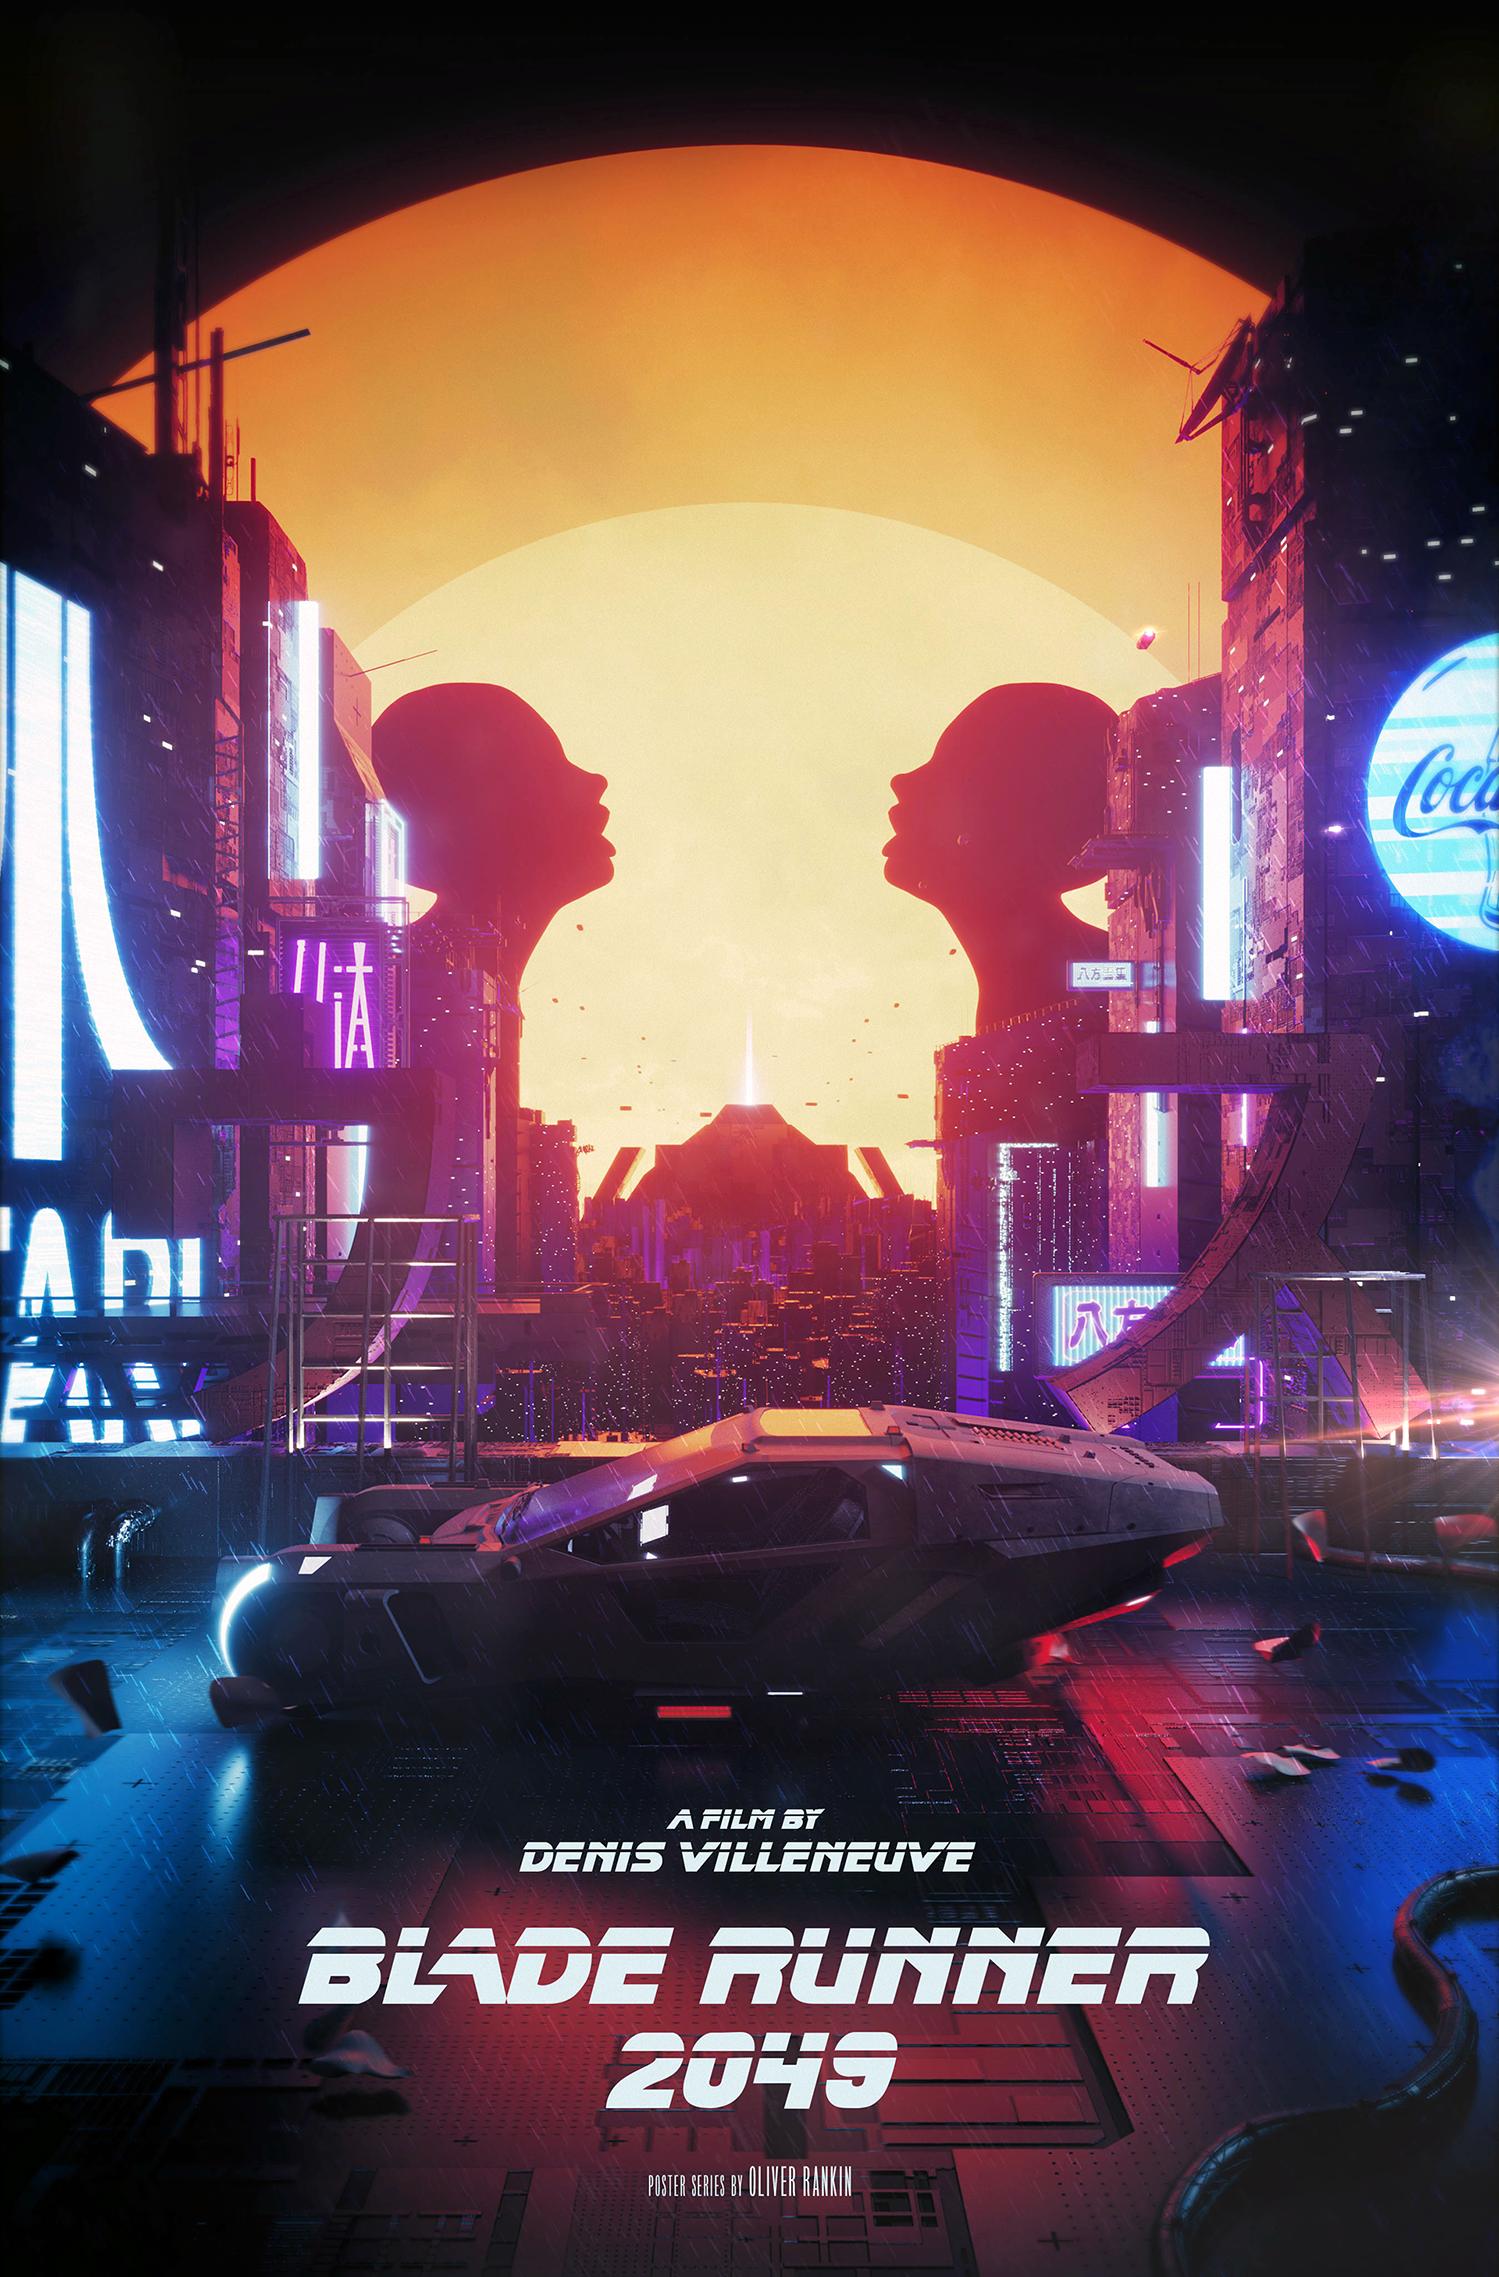 Blade Runner 2049 2017 1499 X 2277 Blade Runner Alternative Movie Posters Blade Runner Art